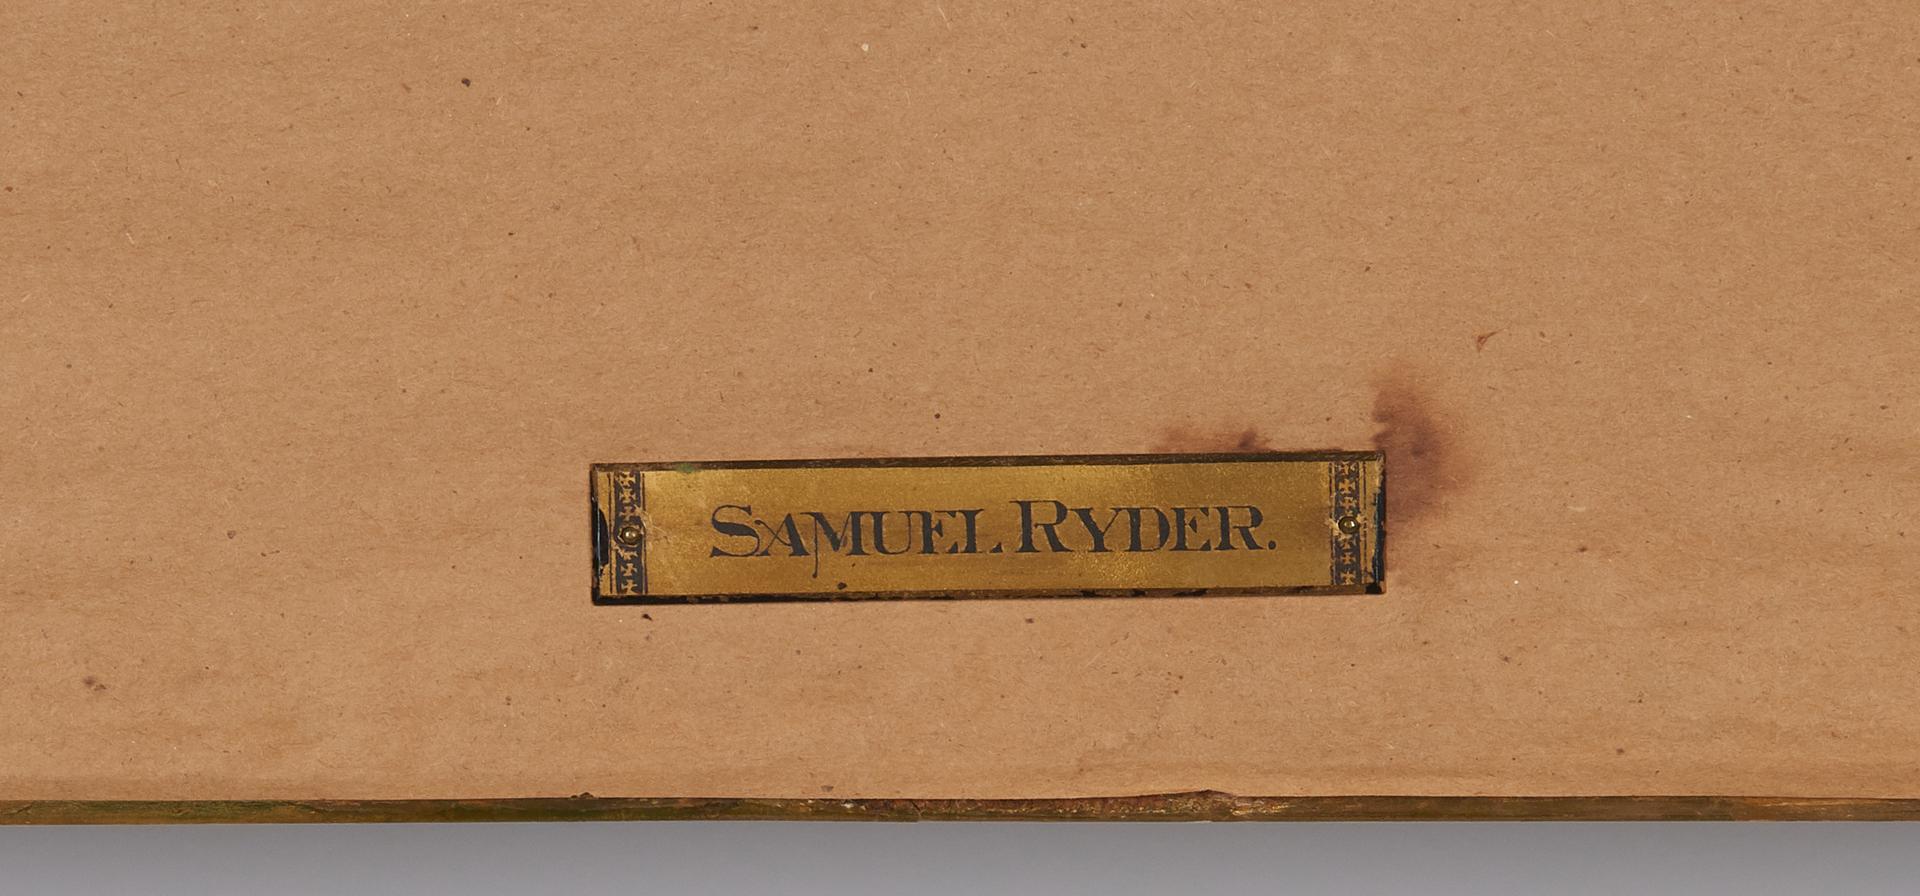 Lot 833: Sameul or Samuel Ryder O/C Landscape